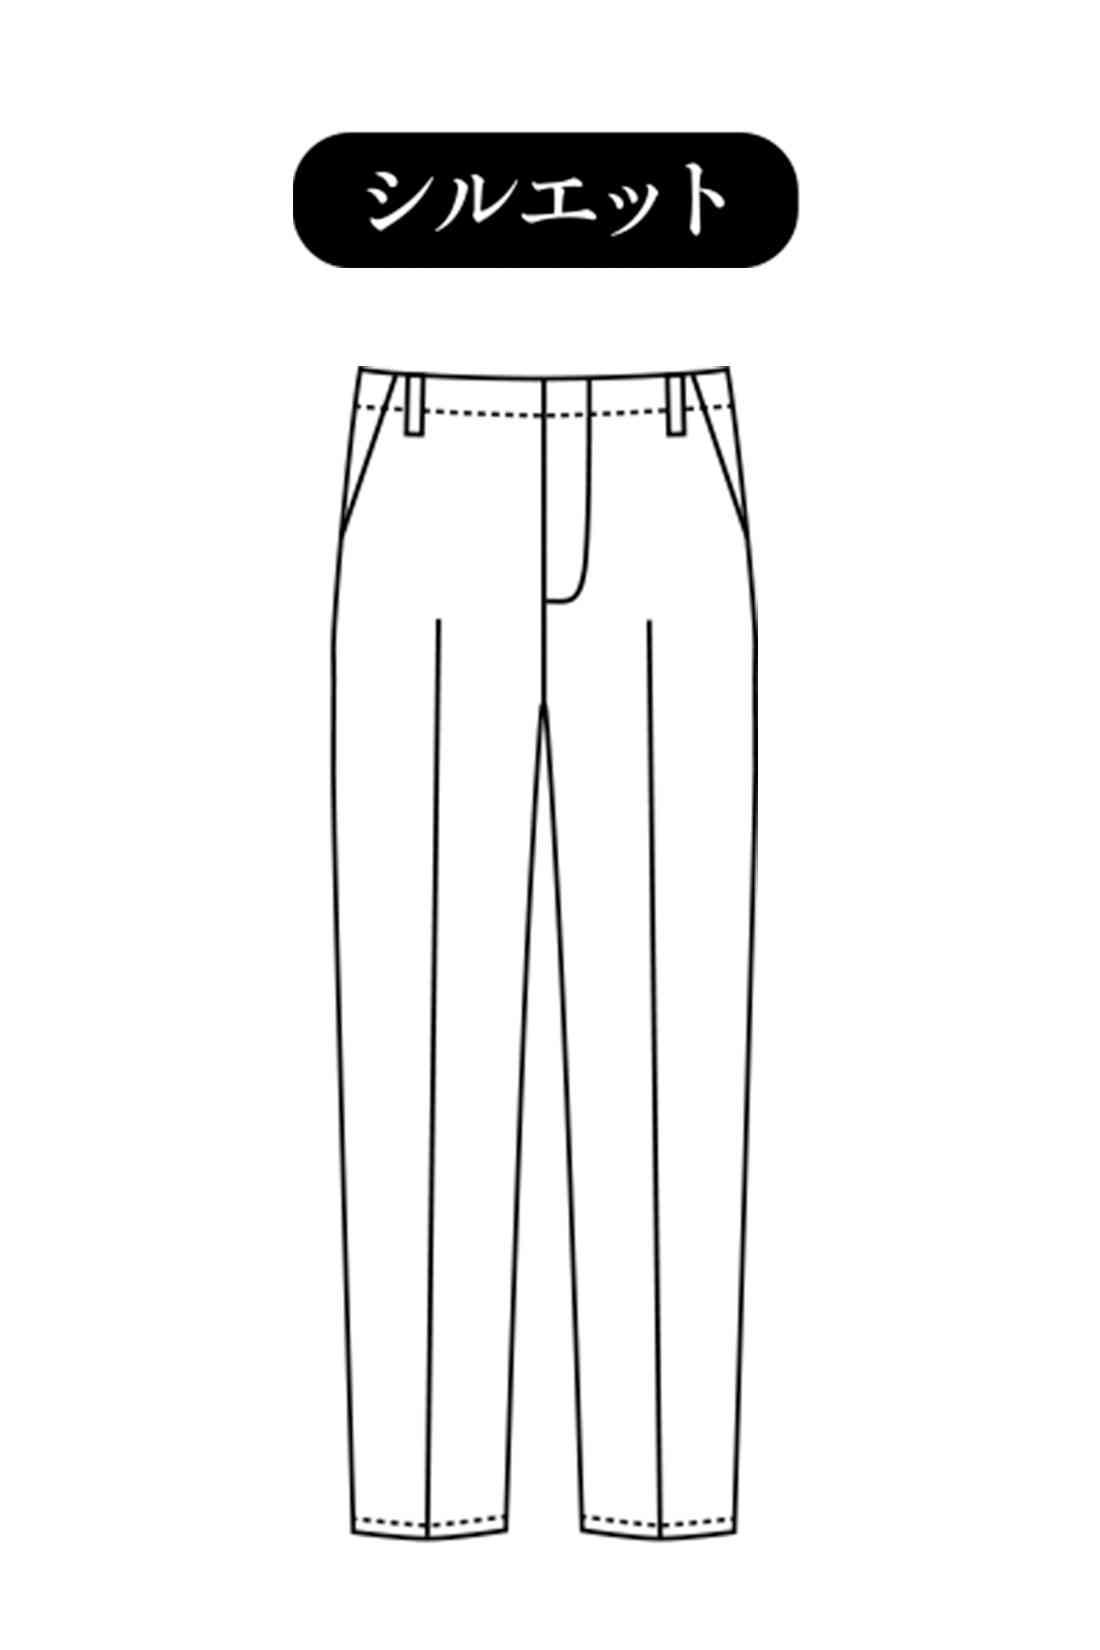 美脚パンツの王道テーパードライン 腰まわりや太ももにはほどよいゆとりがあってはきやすく、すそにむかってゆるやかに細くなる、きれい見せシルエット。